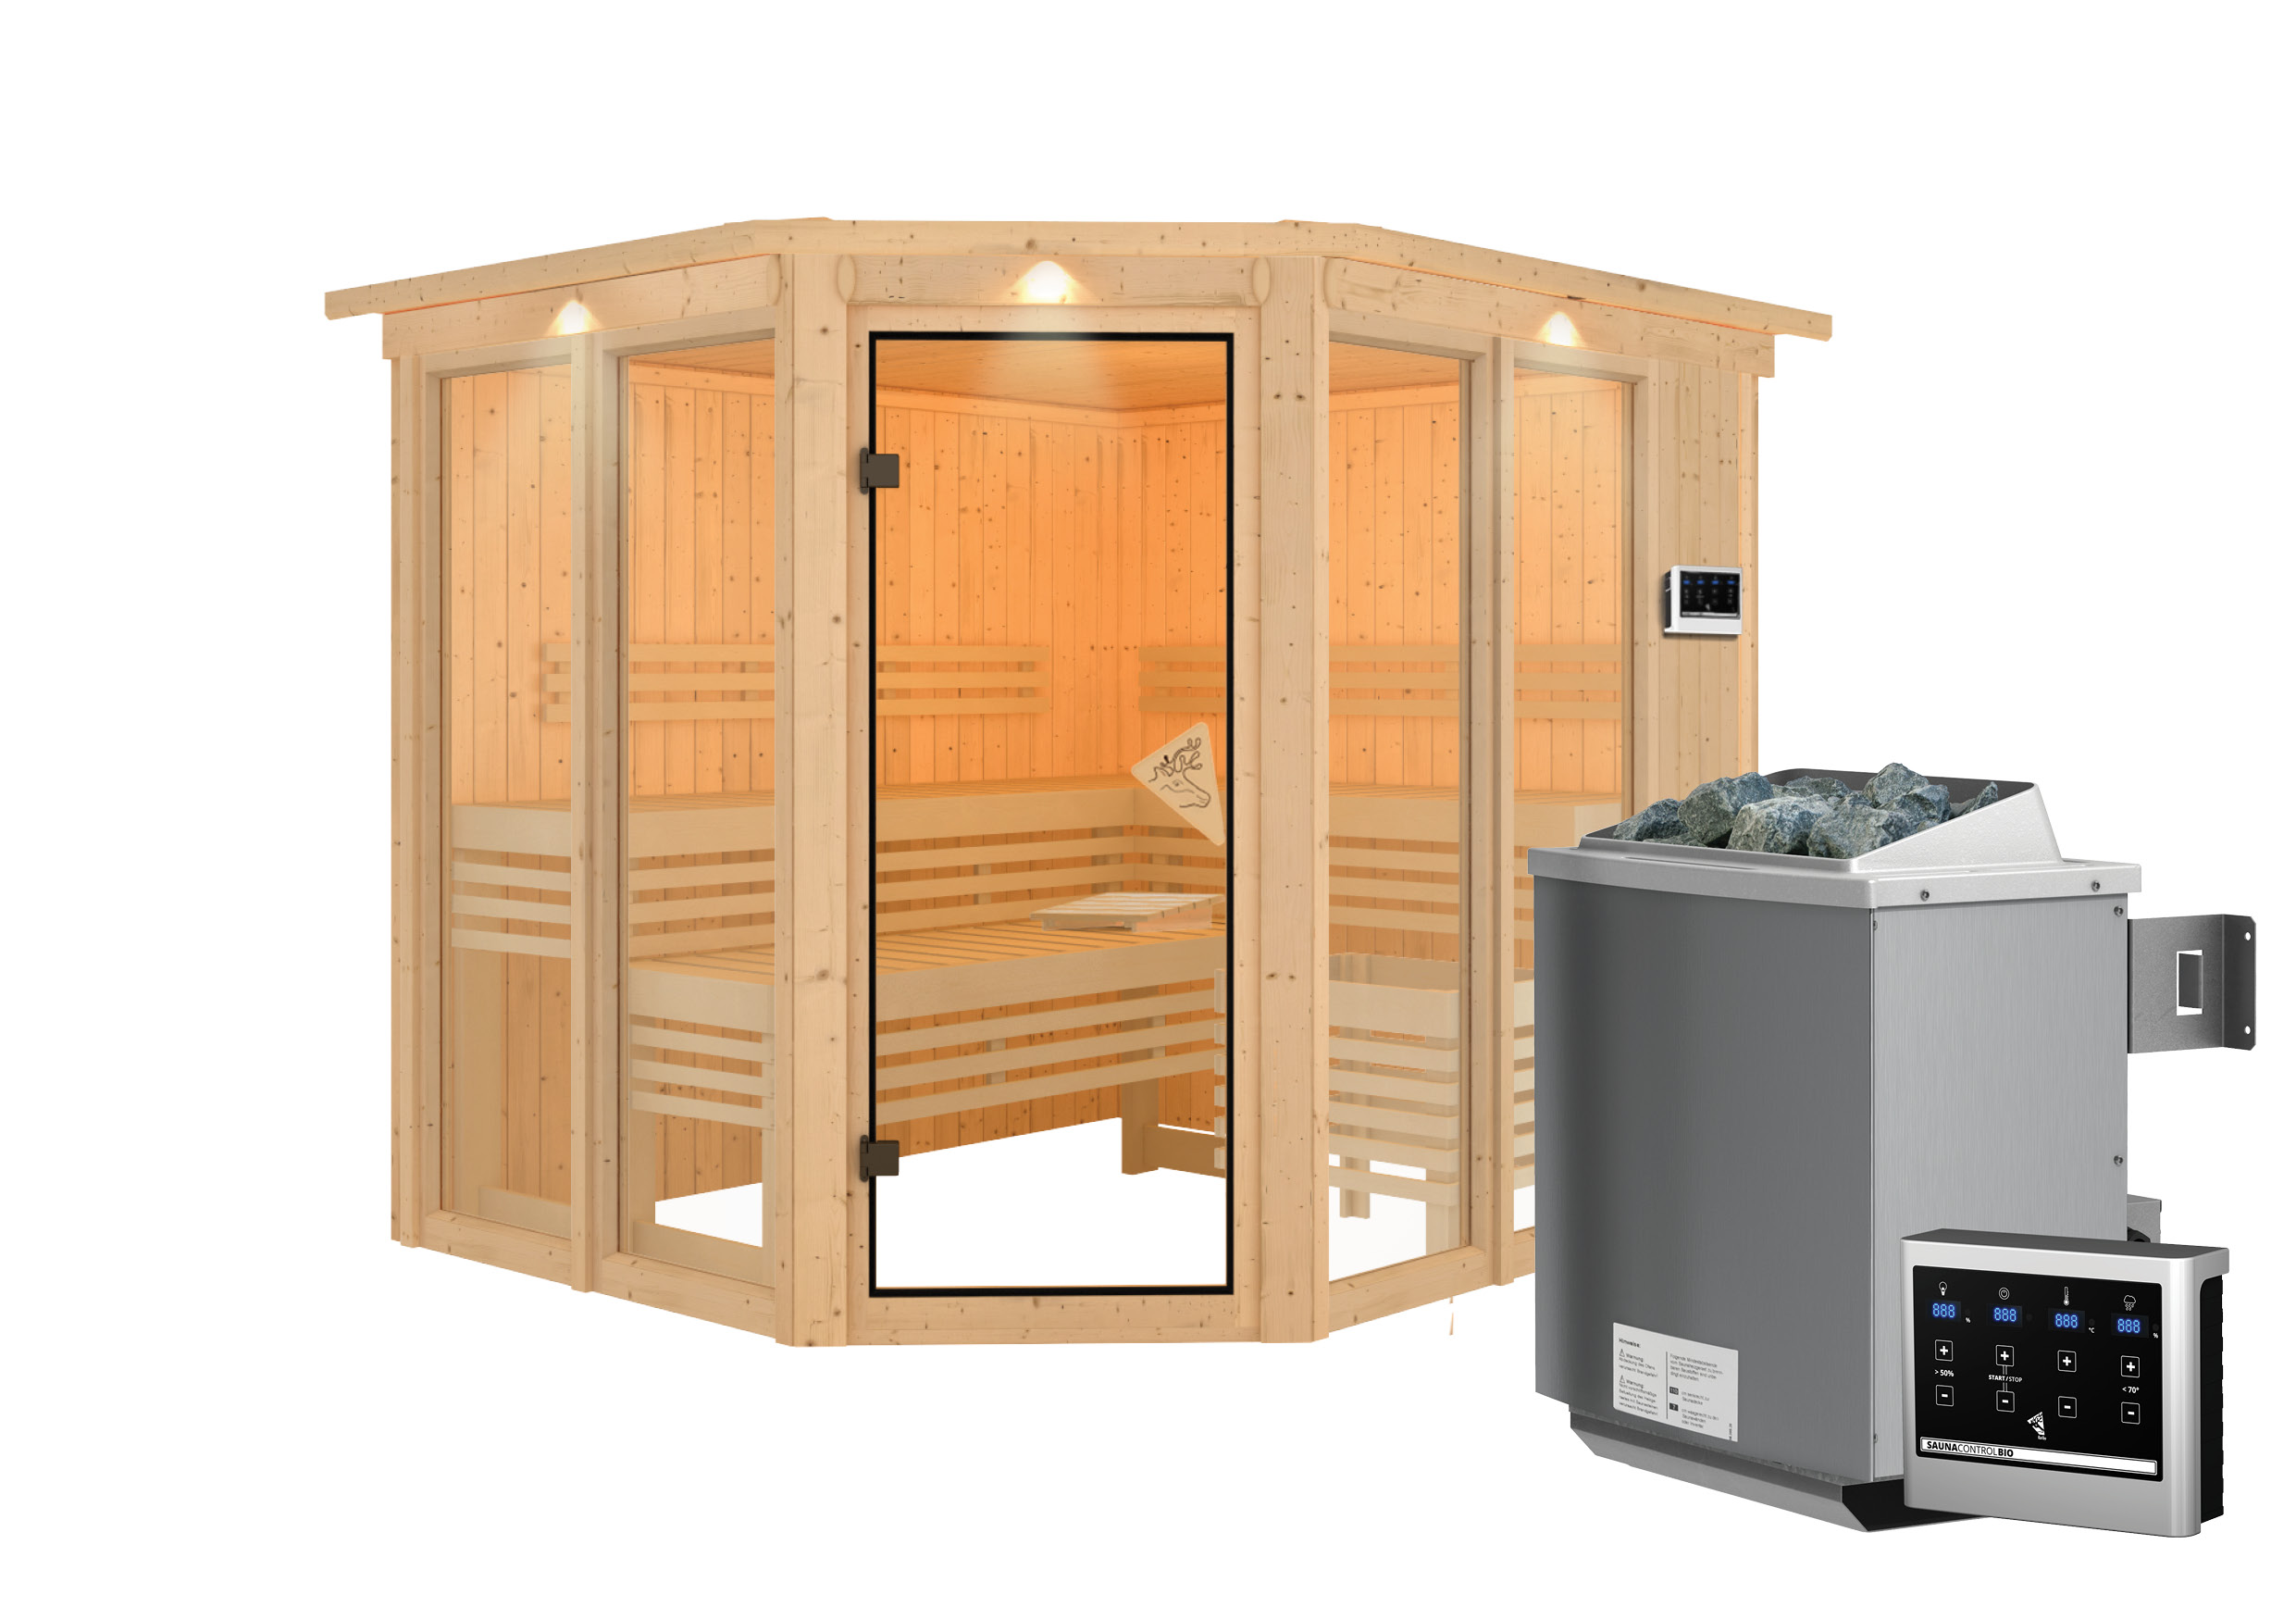 Karibu Sauna Ainur 68mm Superior Kranz Bio Saunaofen 9kW extern Bild 12